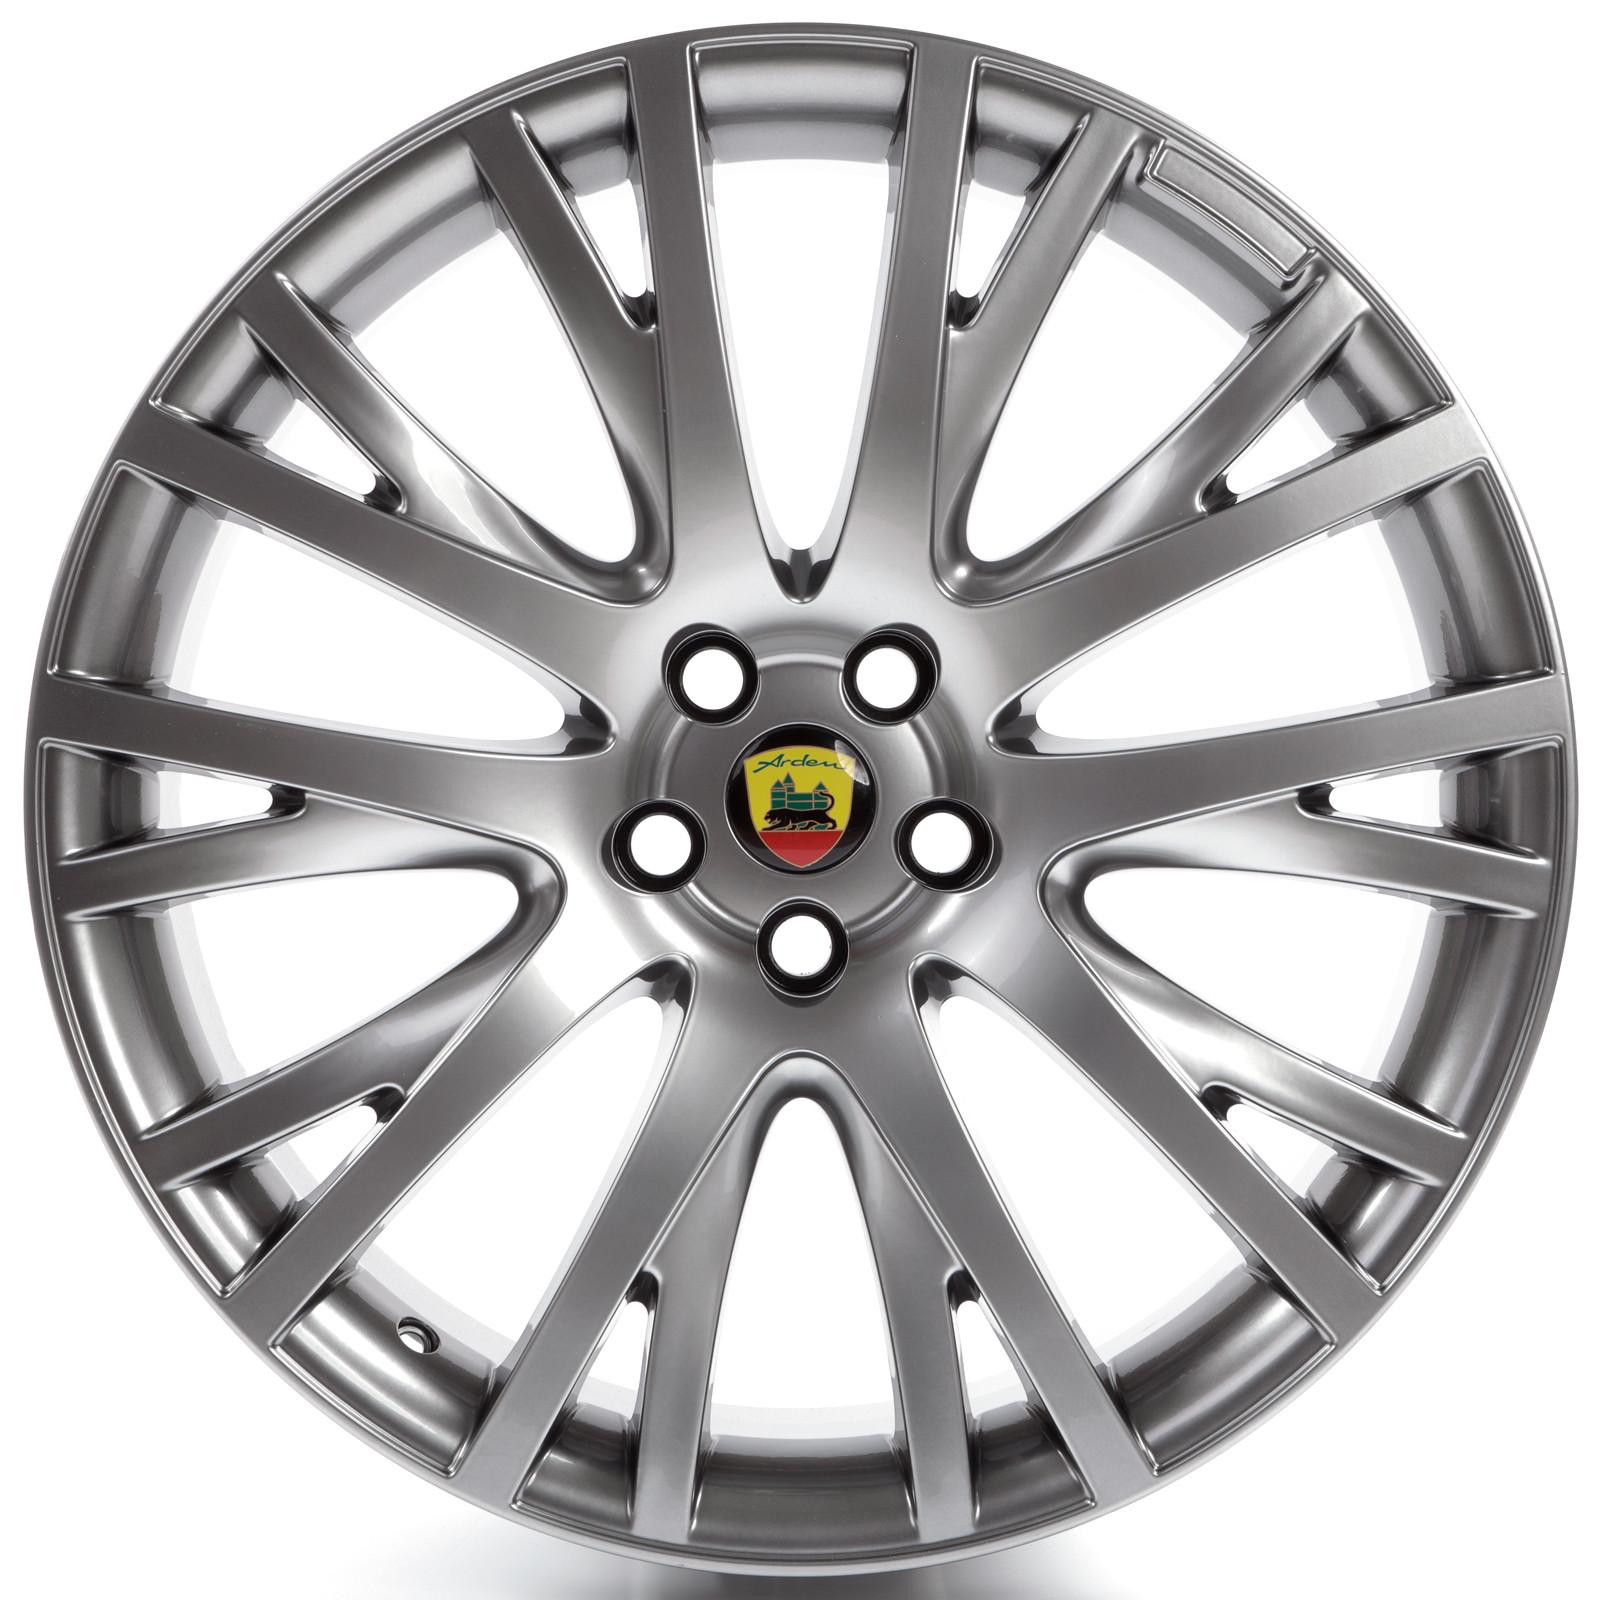 """Arden DAKAR II Wheel in 10 x 22"""" for Range Rover and Range Rover Sport"""